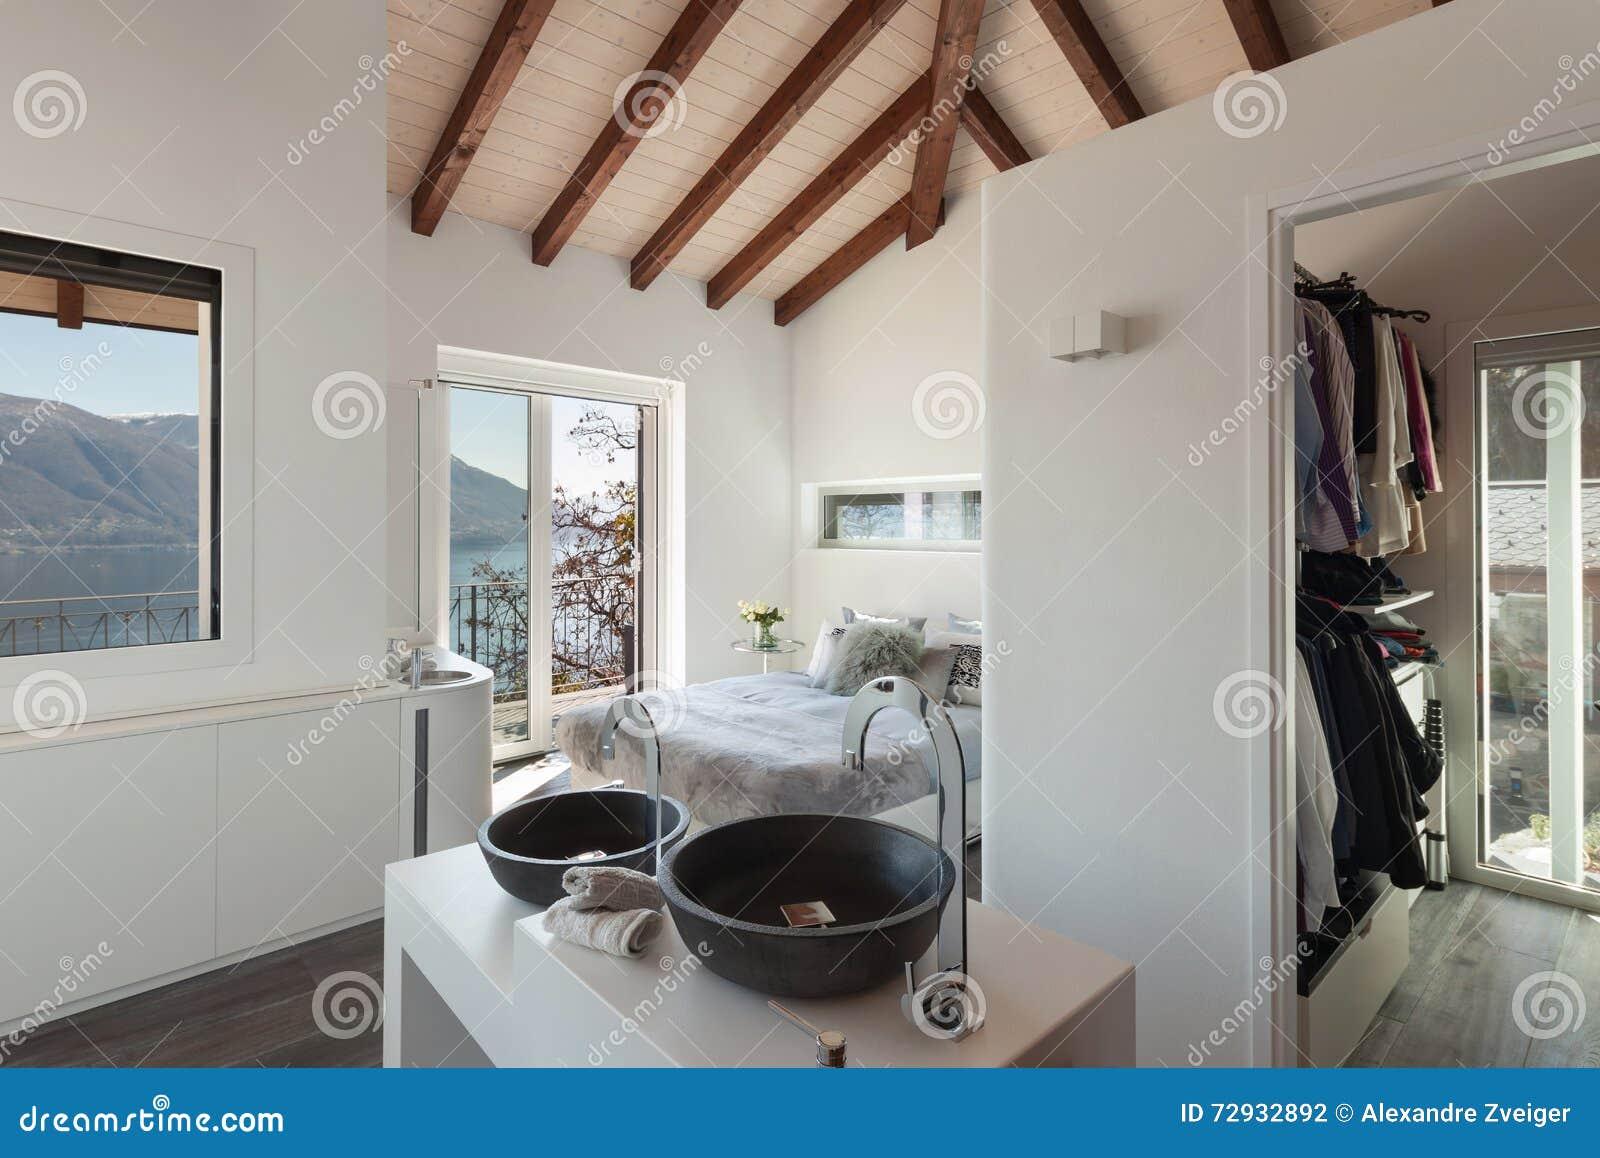 Bain Confortable Dans La Chambre A Coucher Photo Stock Image Du